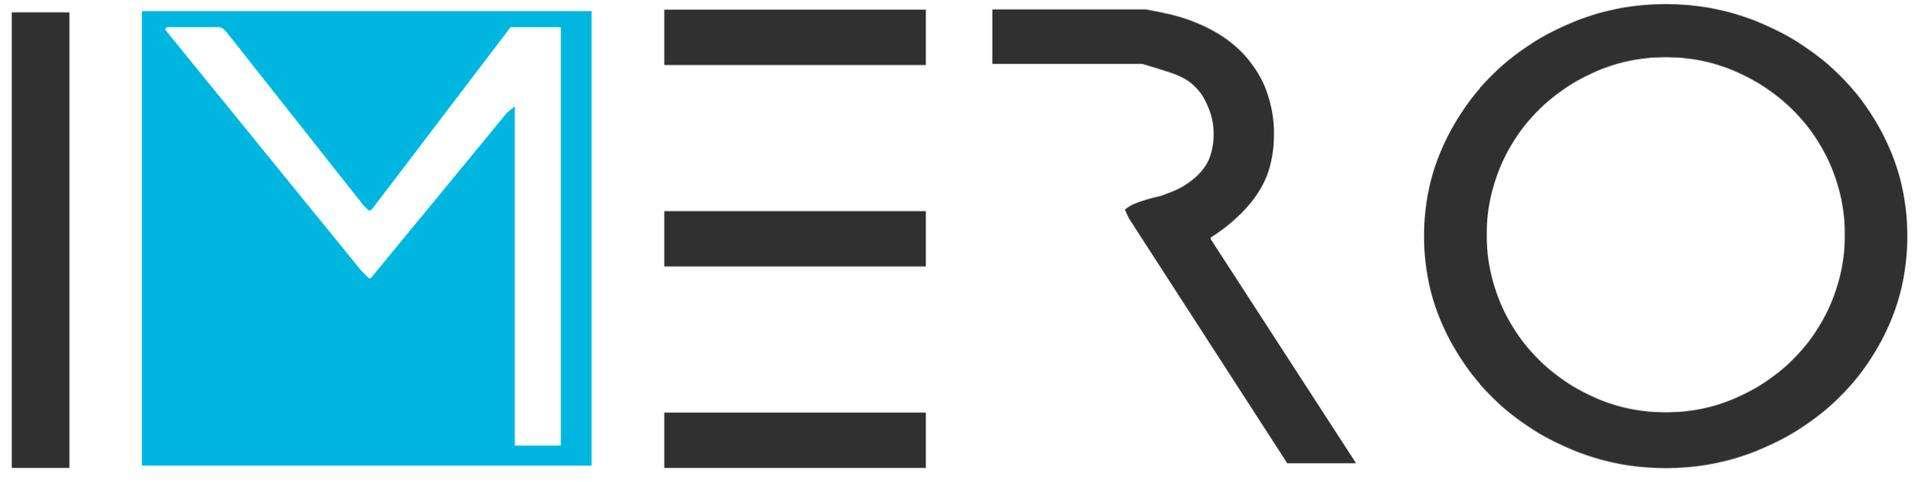 Makler IMERO GmbH logo